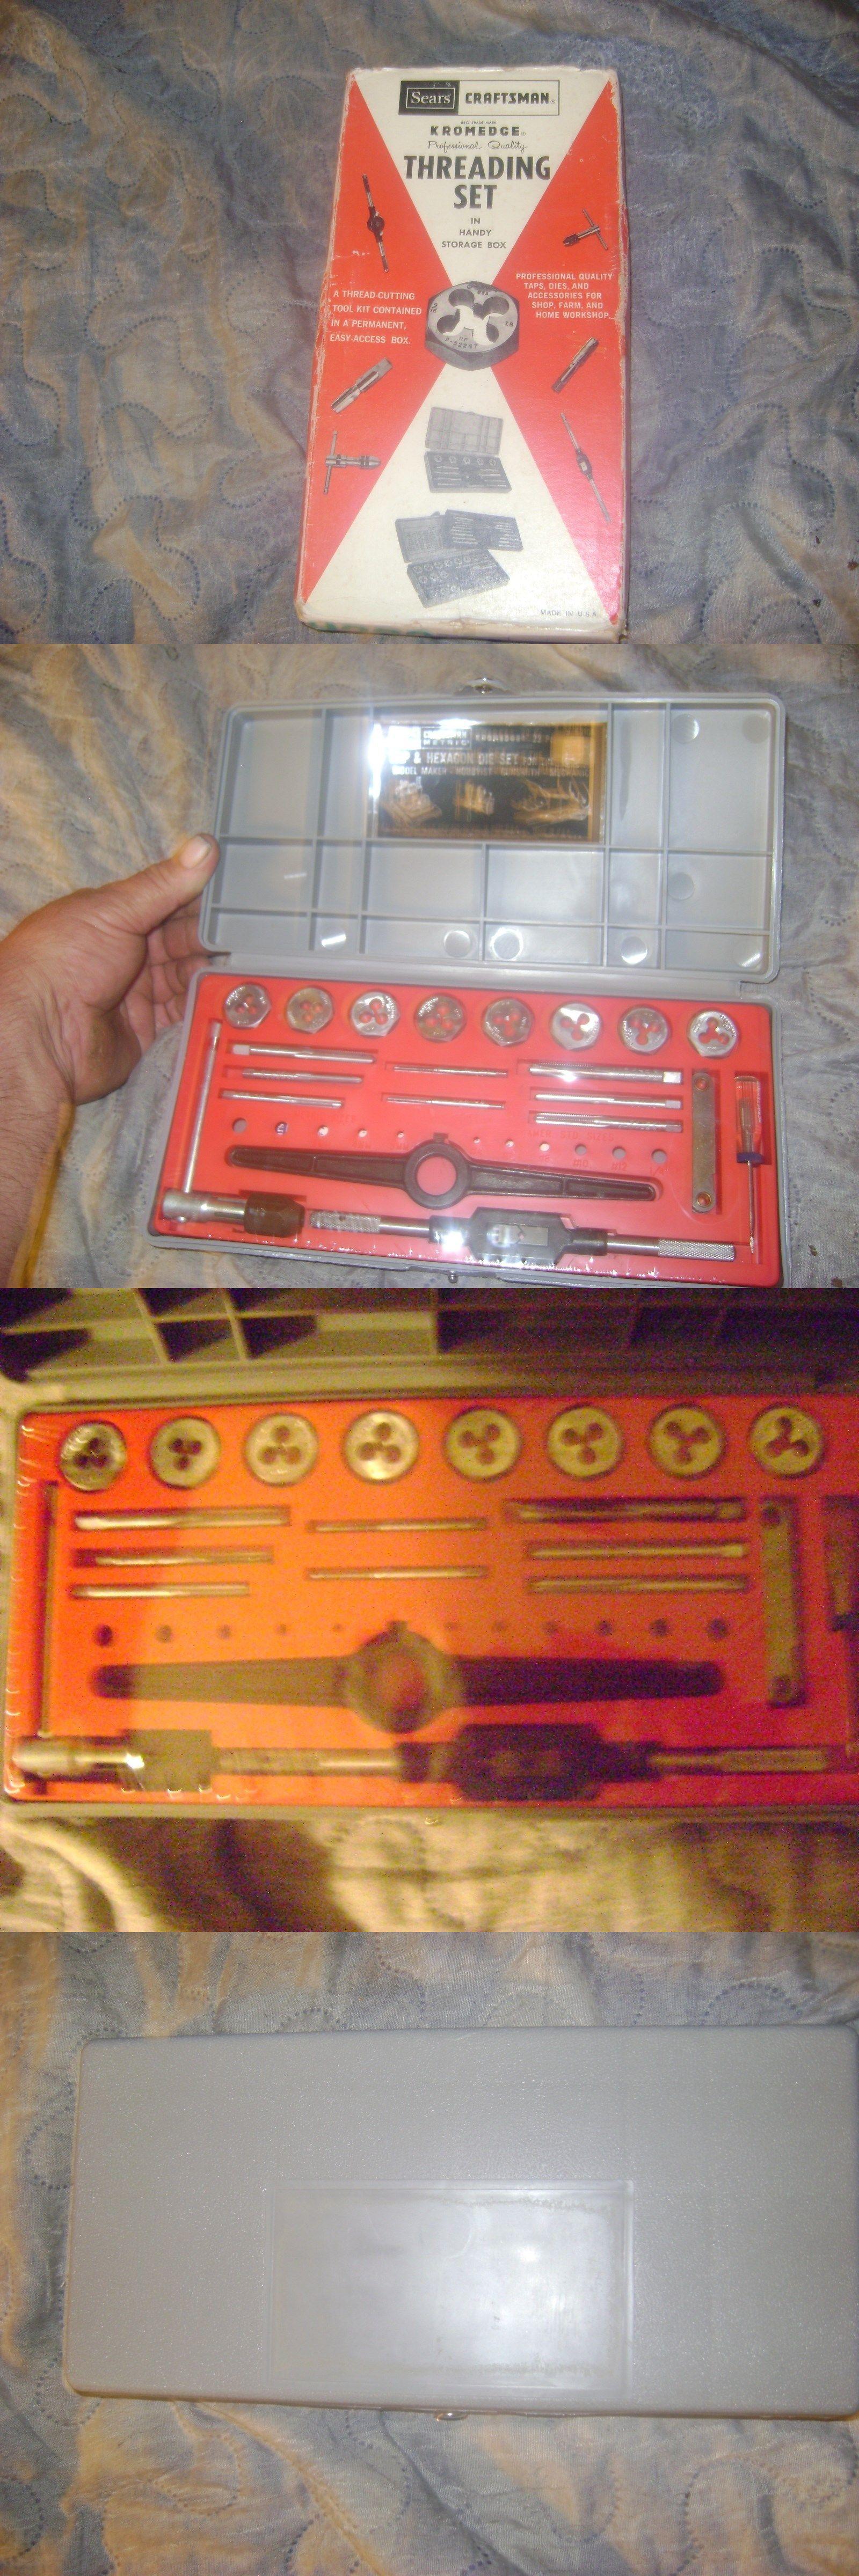 Taps and dies vintage craftsman kromadege tap and die kit new